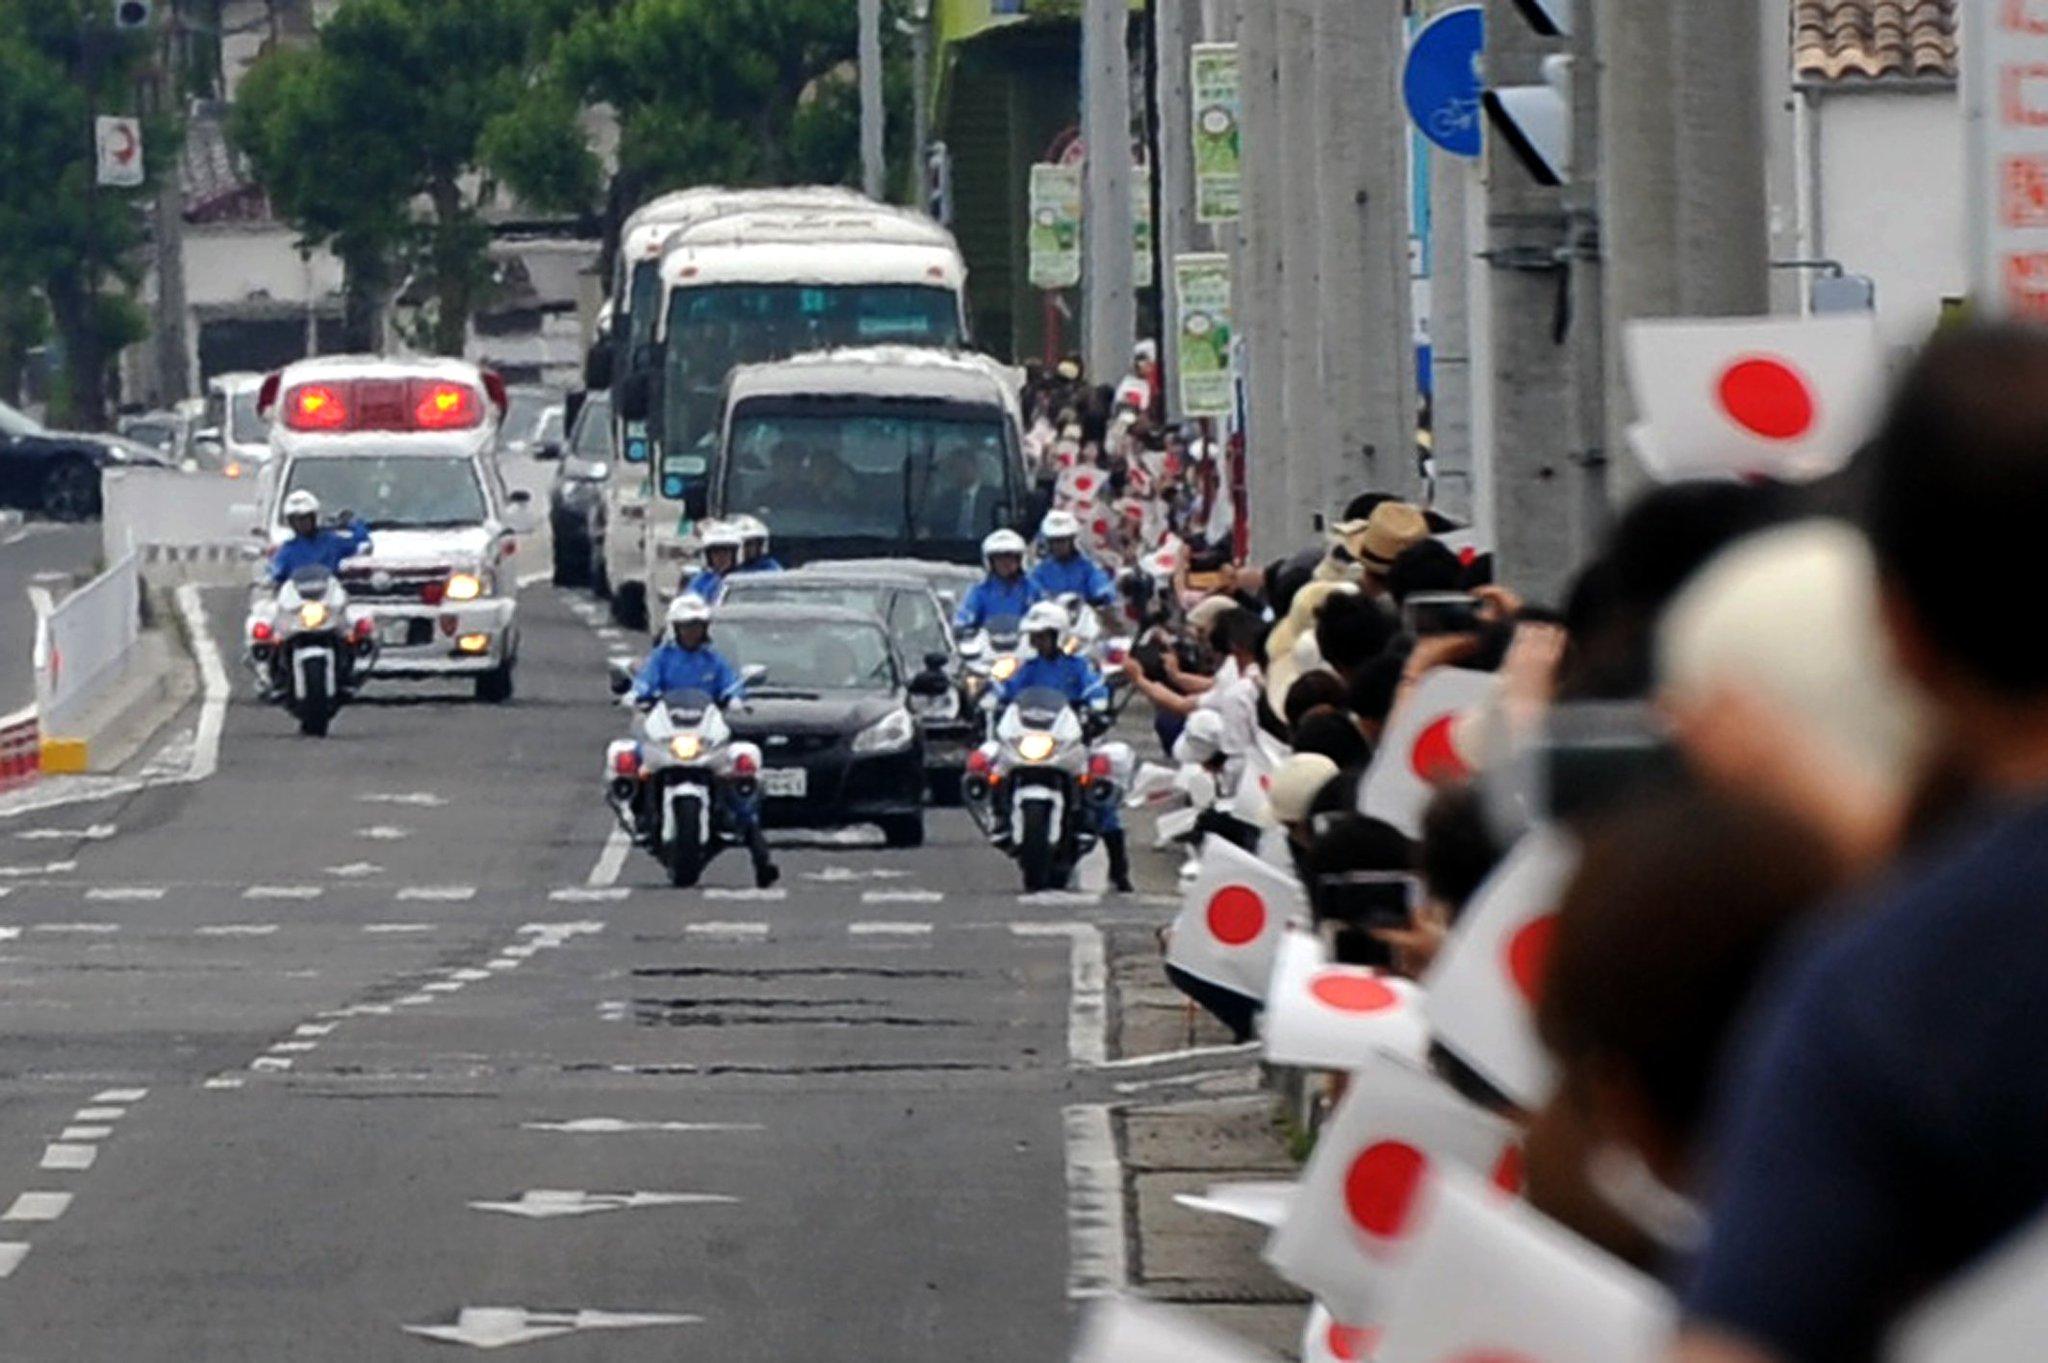 天皇皇后両陛下の御車列と緊走中の救急車がバッティングするハプニング。 咄嗟に警衛の白バイが救急車を先導し御車列は一時停止。救急車が抜けたところで白バイも左側へ退避、その後運転再開となりました。 両陛下のお列でも緊急車両最優先の大原則は揺るぎません。 緊急車両には道を譲りましょう。